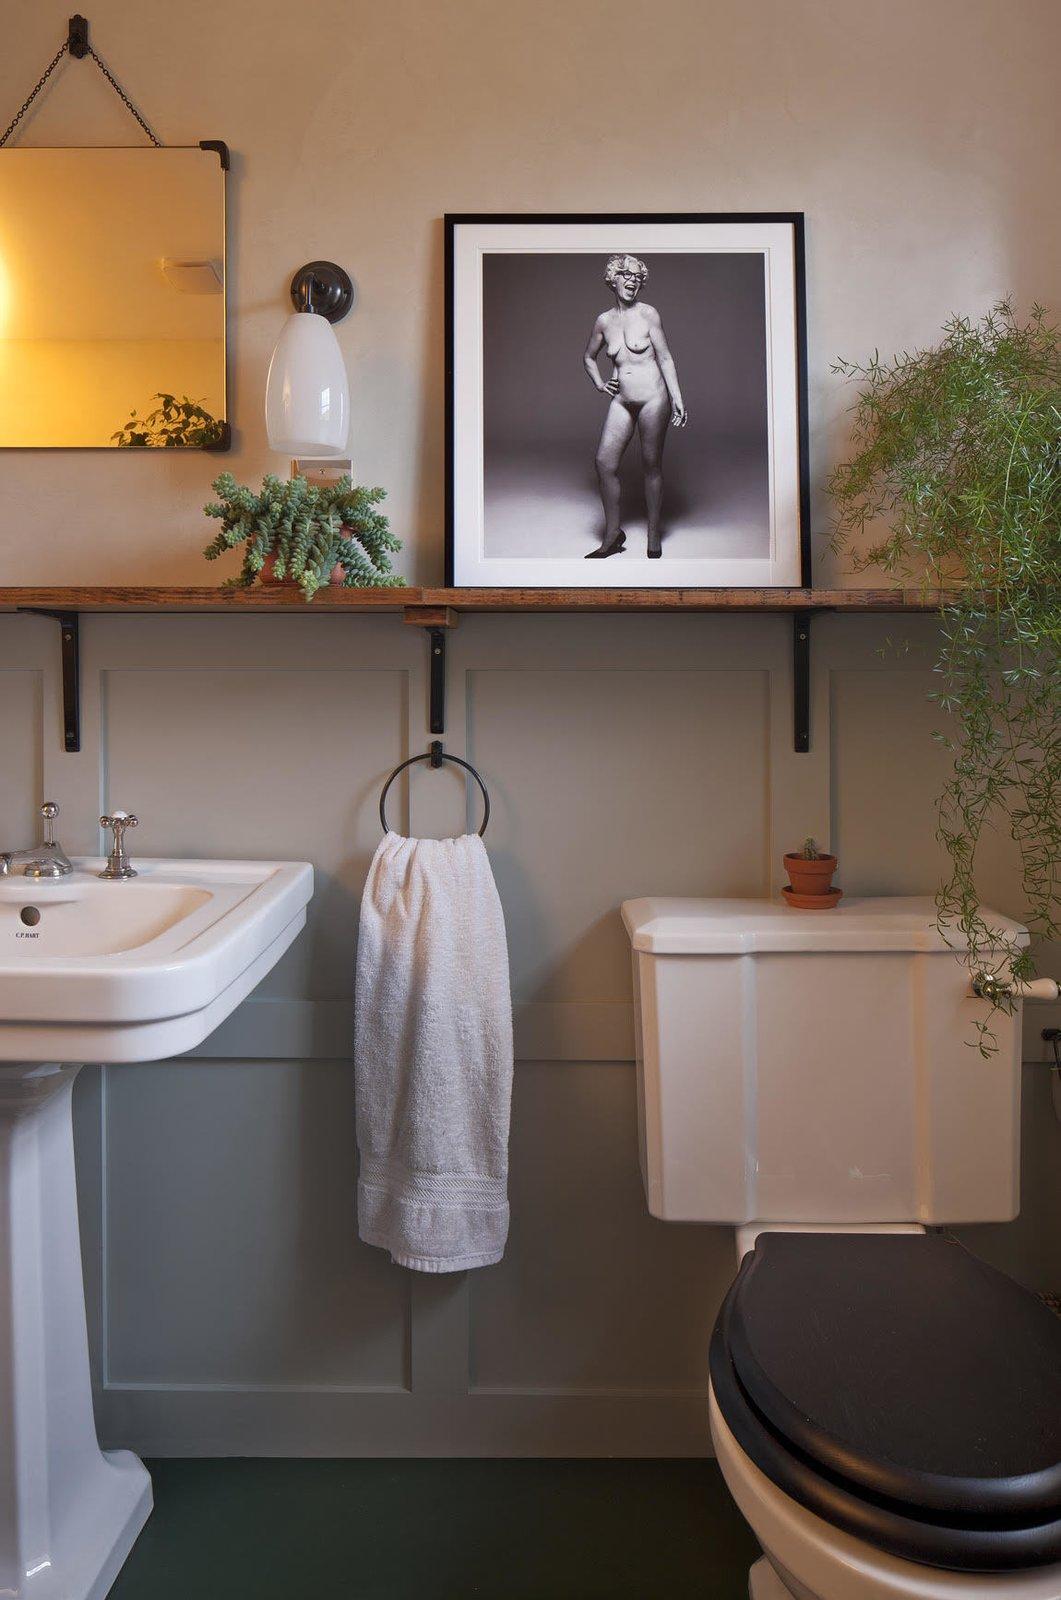 Béton Brit bathroom with vinyl floors